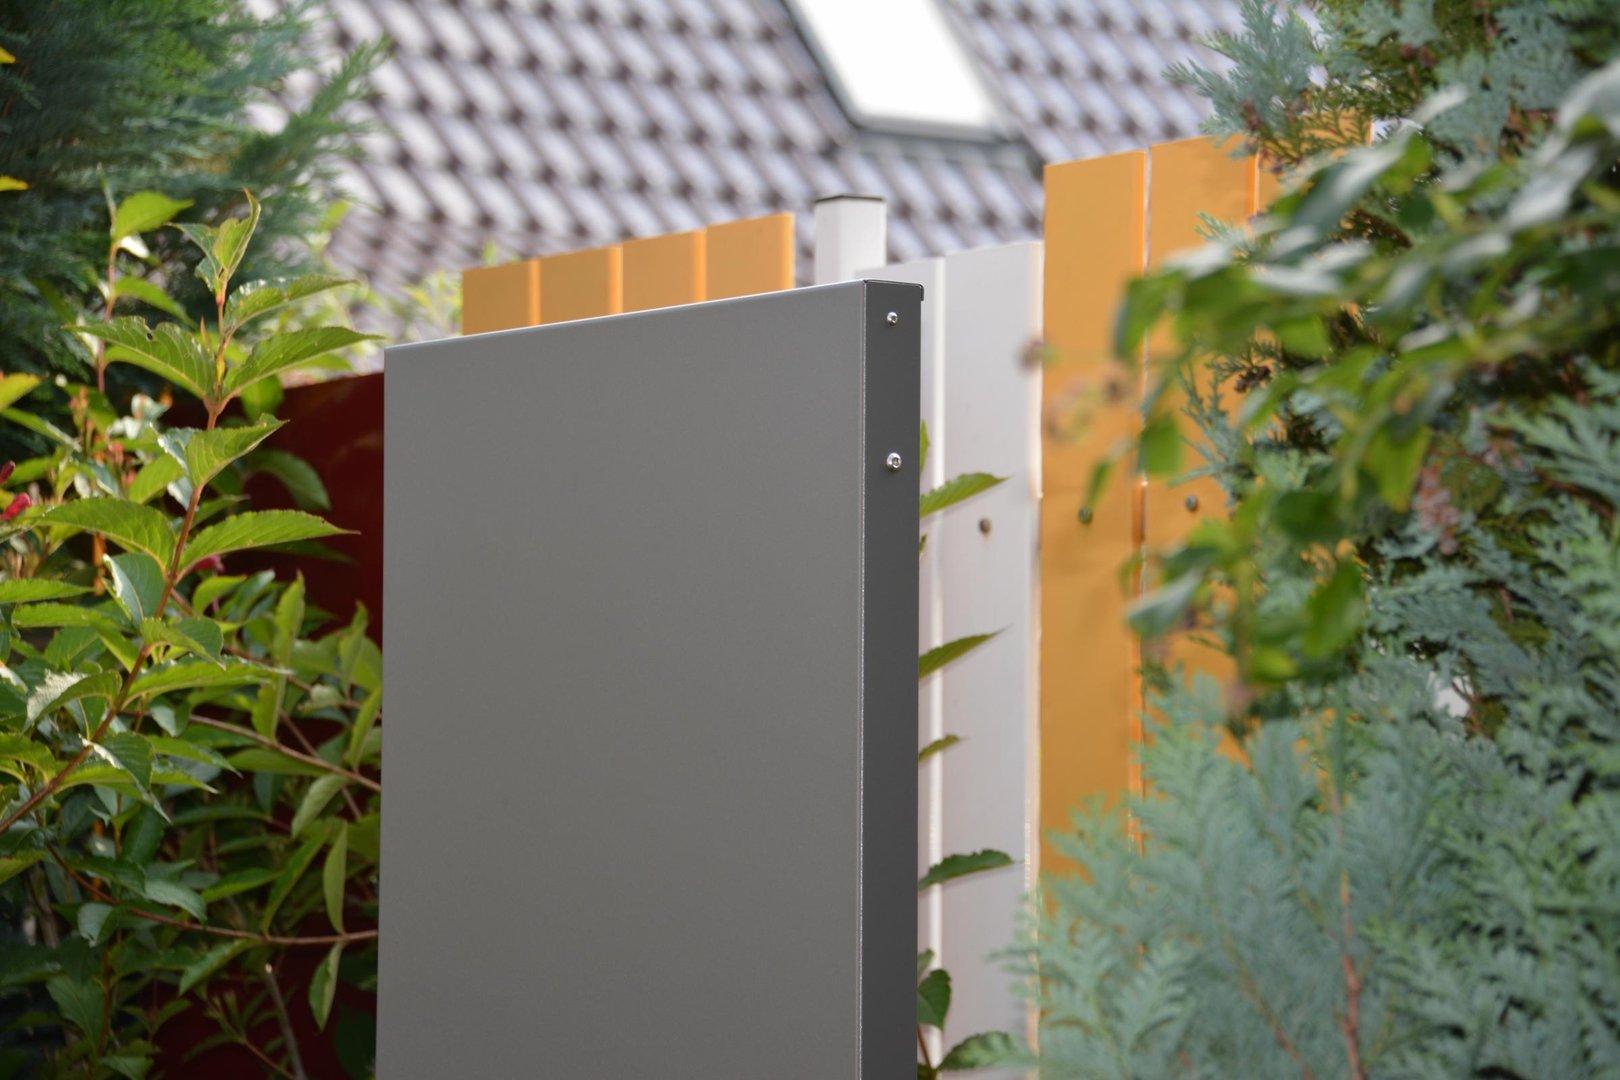 Stele Sichtschutz SCHMAL 160 x 20 x 4 cm aus Metall